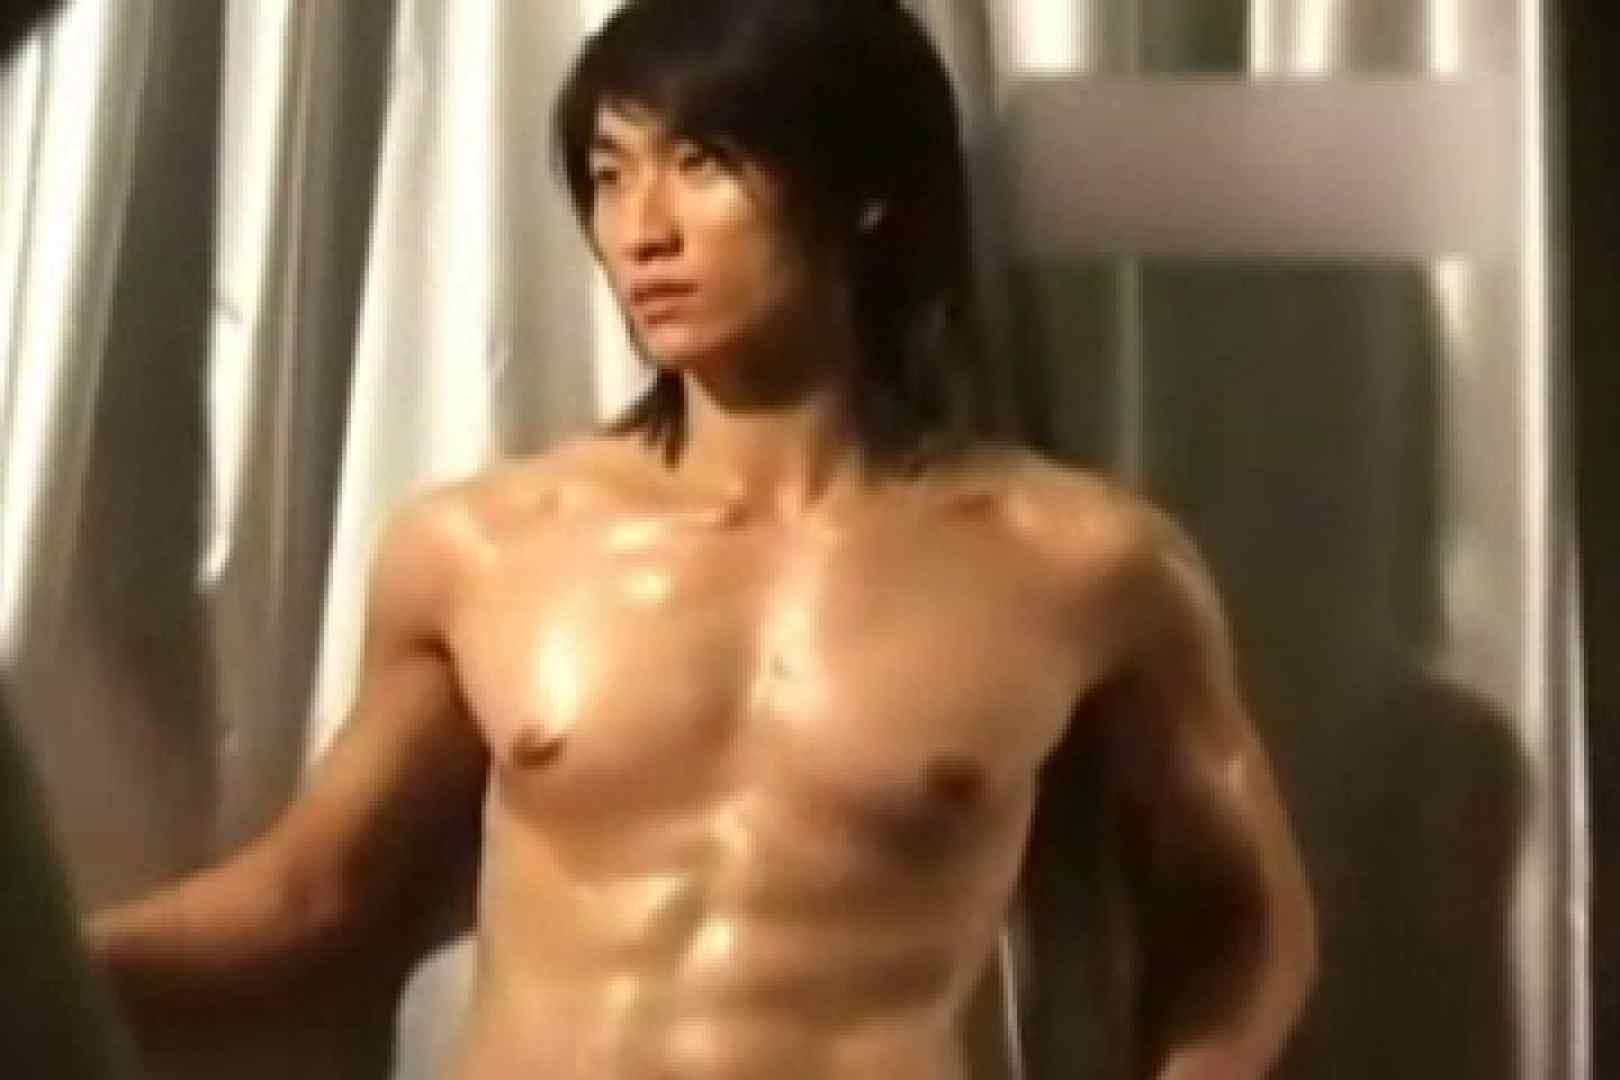 流出!!メンズスーパーモデル達のヌードinChina vol5 男のモデル | イケメンのセックス  14枚 2